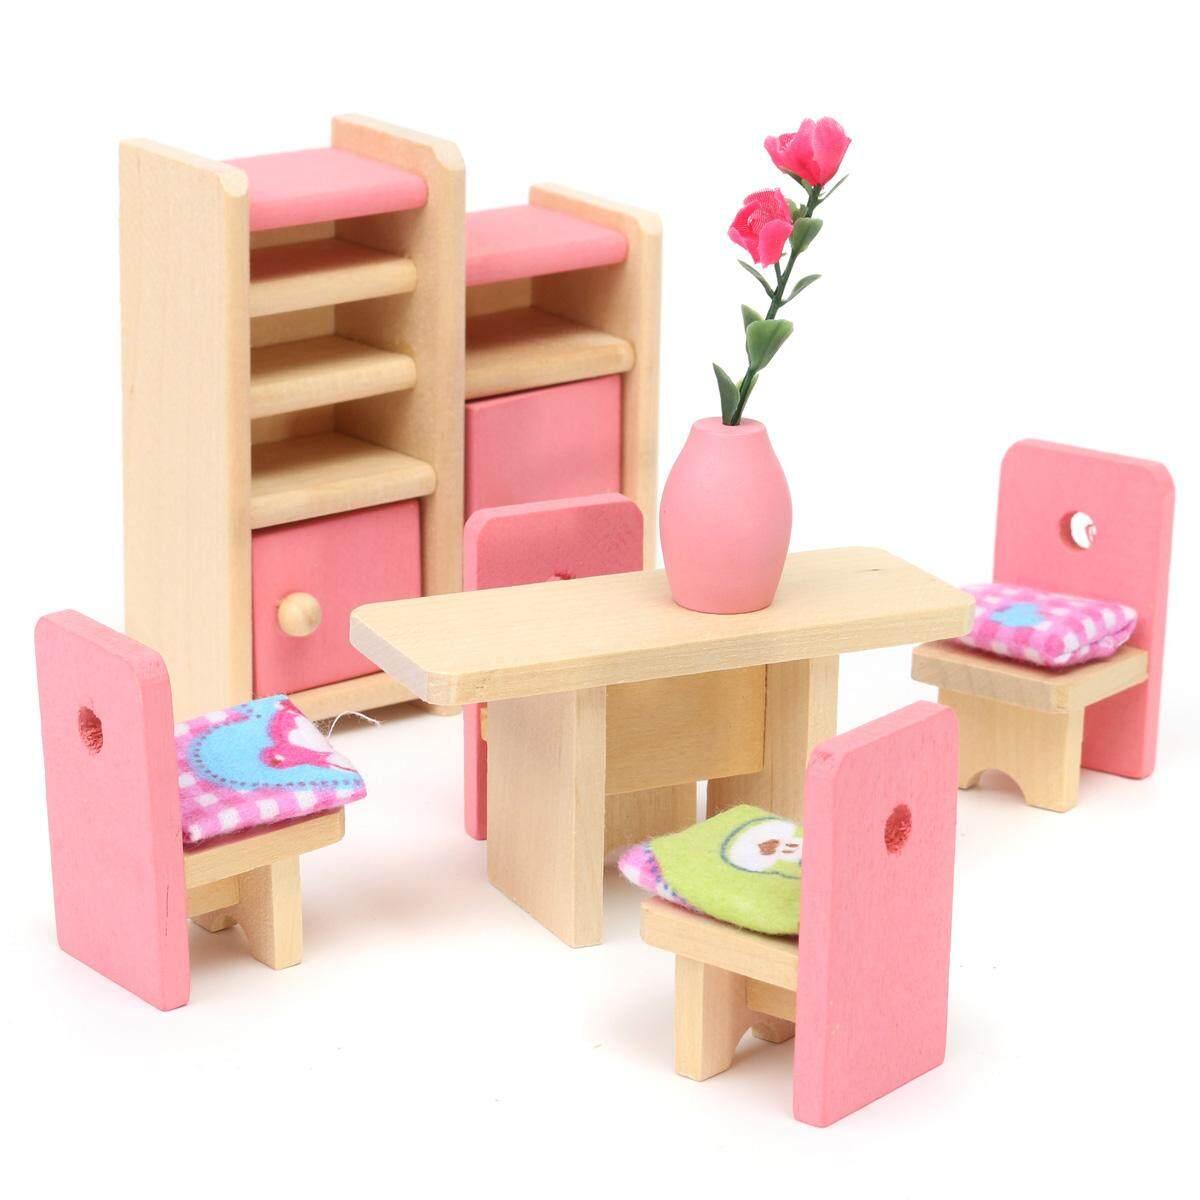 Kayu Furniture Room Set Boneka Rumah Keluarga Miniatur untuk Anak-anak Mainan Anak-Internasional